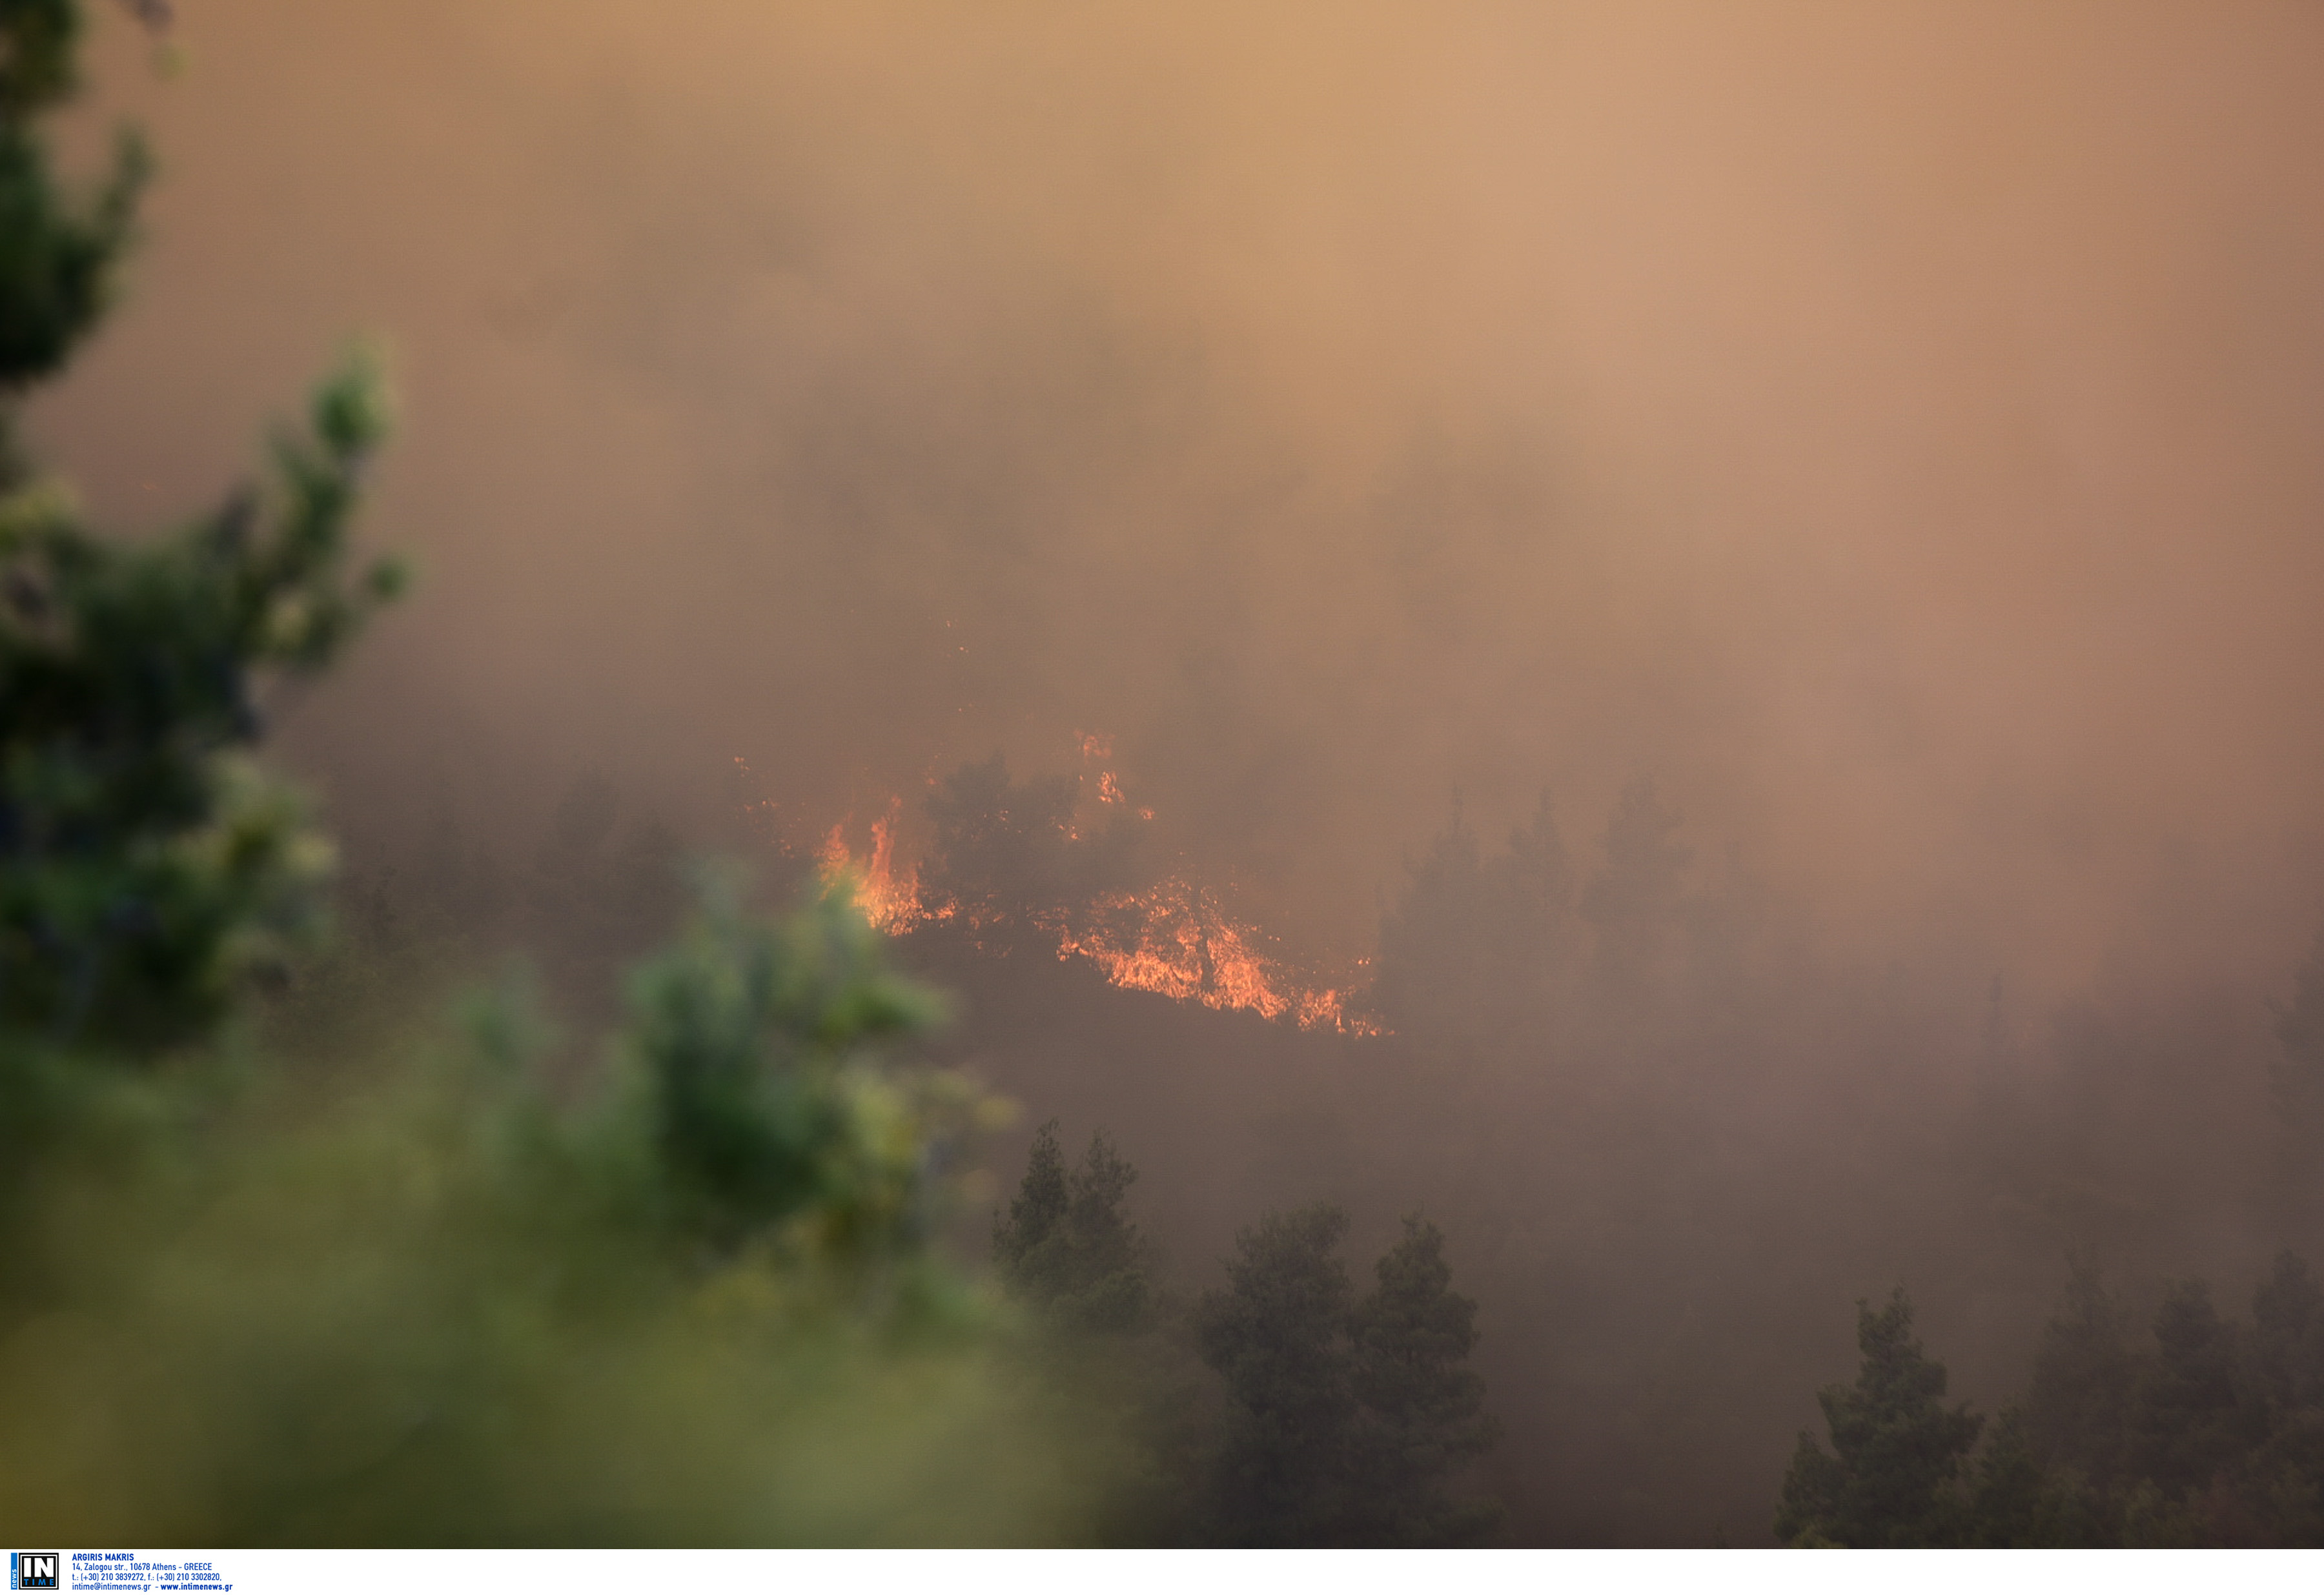 Γενική Γραμματεία Πολιτικής Προστασίας: Μεγάλος κίνδυνος πυρκαγιάς σε Αττική και Εύβοια